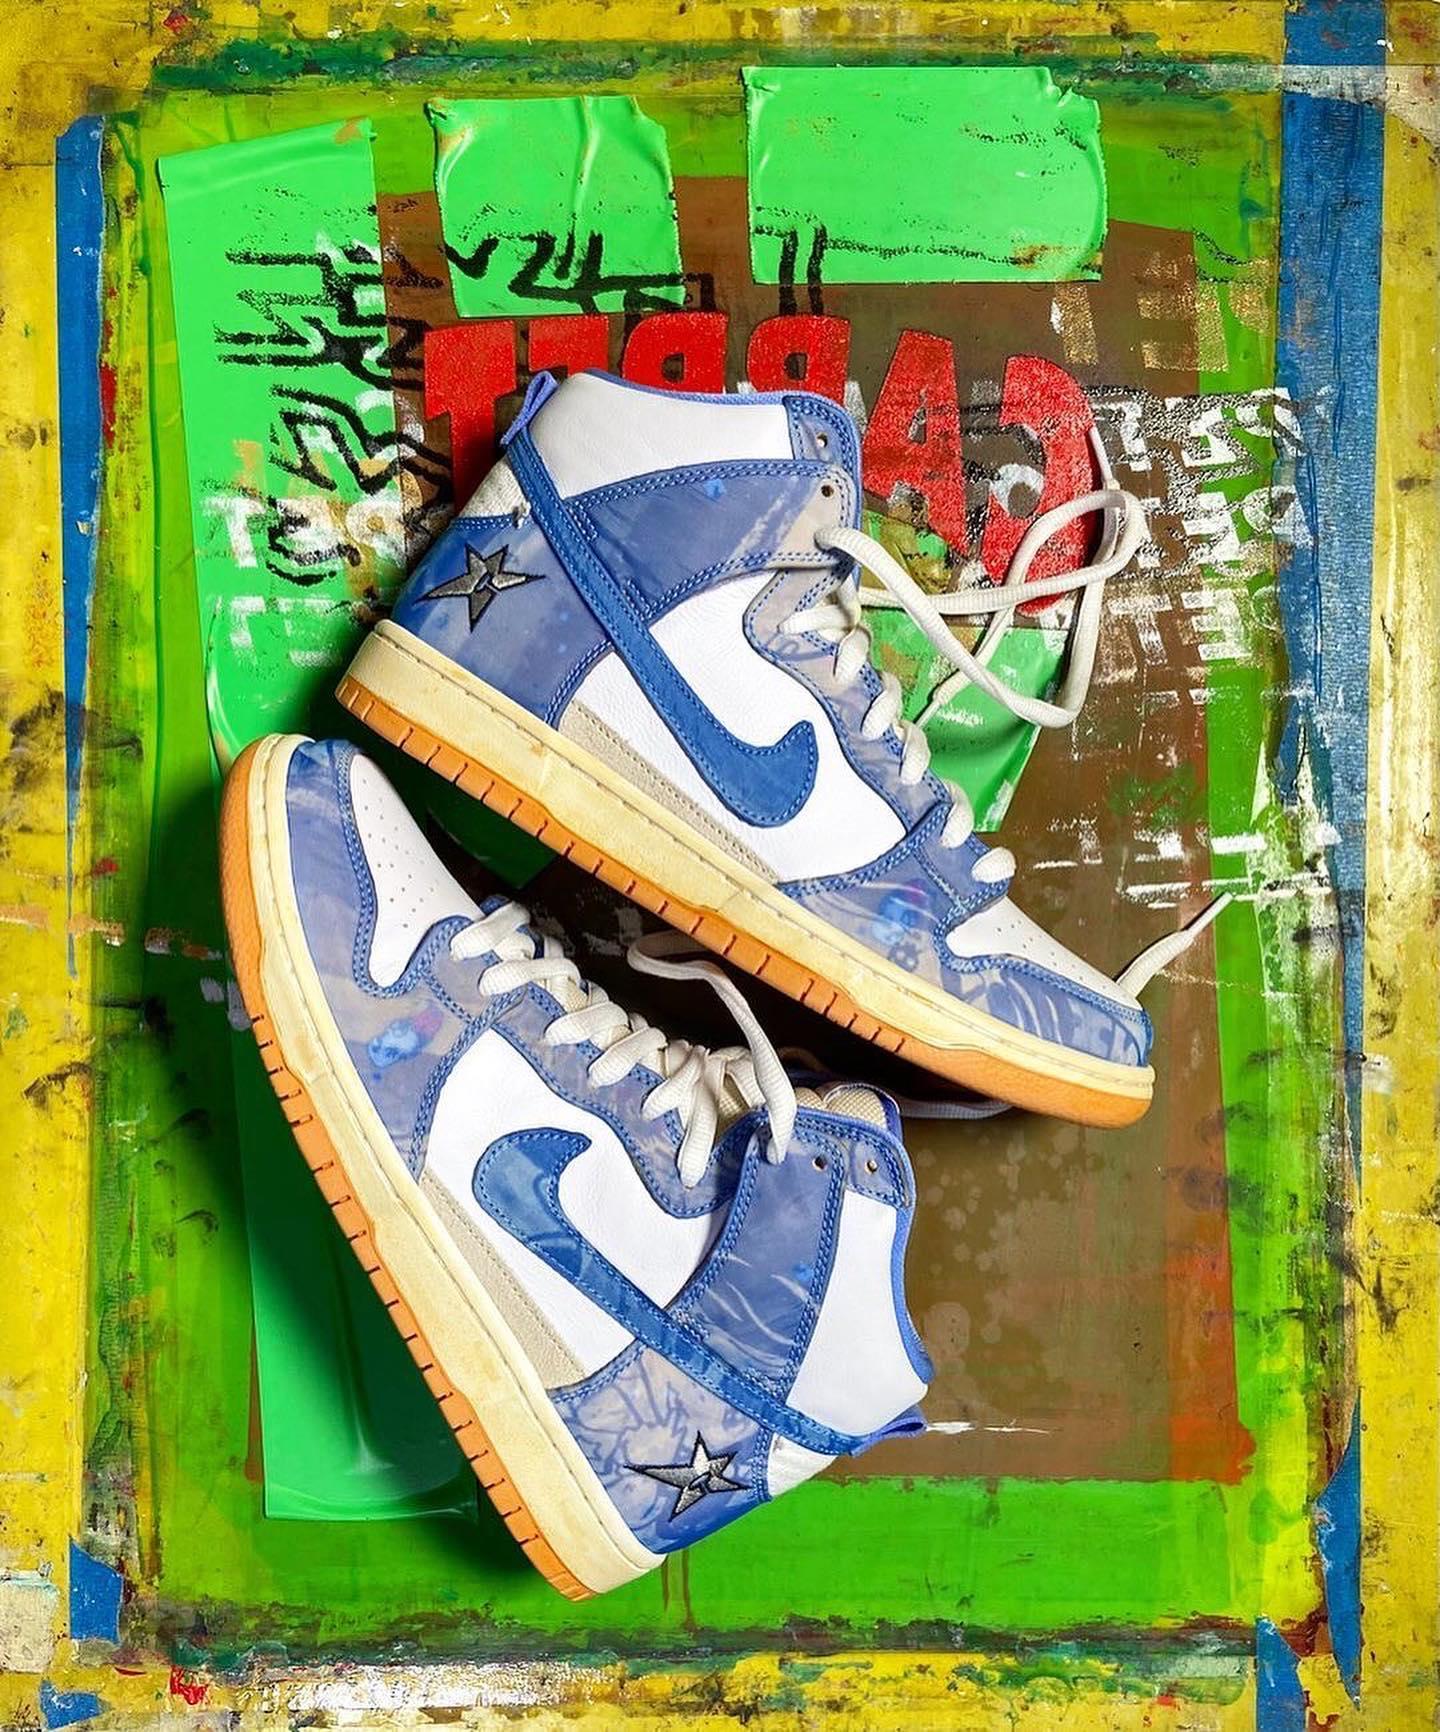 2月26日(金)発売 CARPET Collection / Nike SB Dunk High Pro QS・M NK SB QS Jacket・M NK SB QS Fleece・M NK SB QS Top・U NK Pro Cap CRPT販売方法に関してはプロフィールリンクのホームページからブログをご確認下さい。※販売足数、入荷サイズ、発売前のご予約など販売に関する事前お問い合わせはご遠慮下さい。※no overseas shipment.【NIKE SB DUNK HIGH PRO QS】(CV1677-100) 用WEB抽選応募フォーム↓https://bit.ly/3bsm5ls【M NK SB QS JACKET】(DA4308-010) 用WEB抽選応募フォーム↓https://bit.ly/2ONtO60【M NK SB QS FLEECE】(DA4310-010) 用WEB抽選応募フォーム↓https://bit.ly/3uhmmk4【M NK SB QS TOP】(DC0727-100) 用WEB抽選応募フォーム↓https://bit.ly/3ayARbb【U NK PRO CAP CRPT】(DD9088-735) 用WEB抽選応募フォーム↓https://bit.ly/3aHafVL